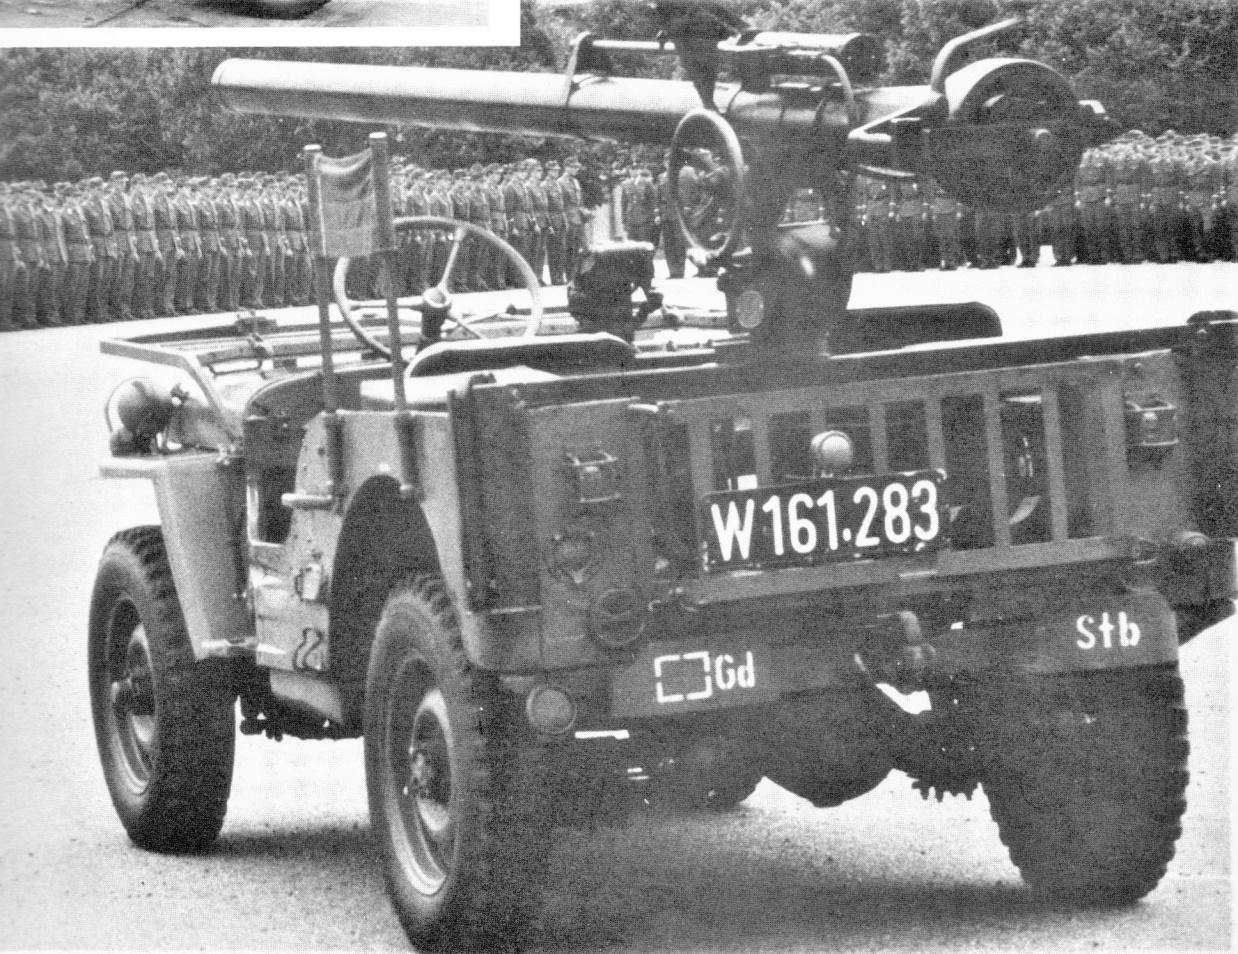 D:\Archiv Nemeth\Fzg-Gerät-Ausrüstung\Fahrzeuge\Mehrspurige Kfz\BH Fahrzeuge\Jeep\rPak\rPak  W 161 284.jpeg